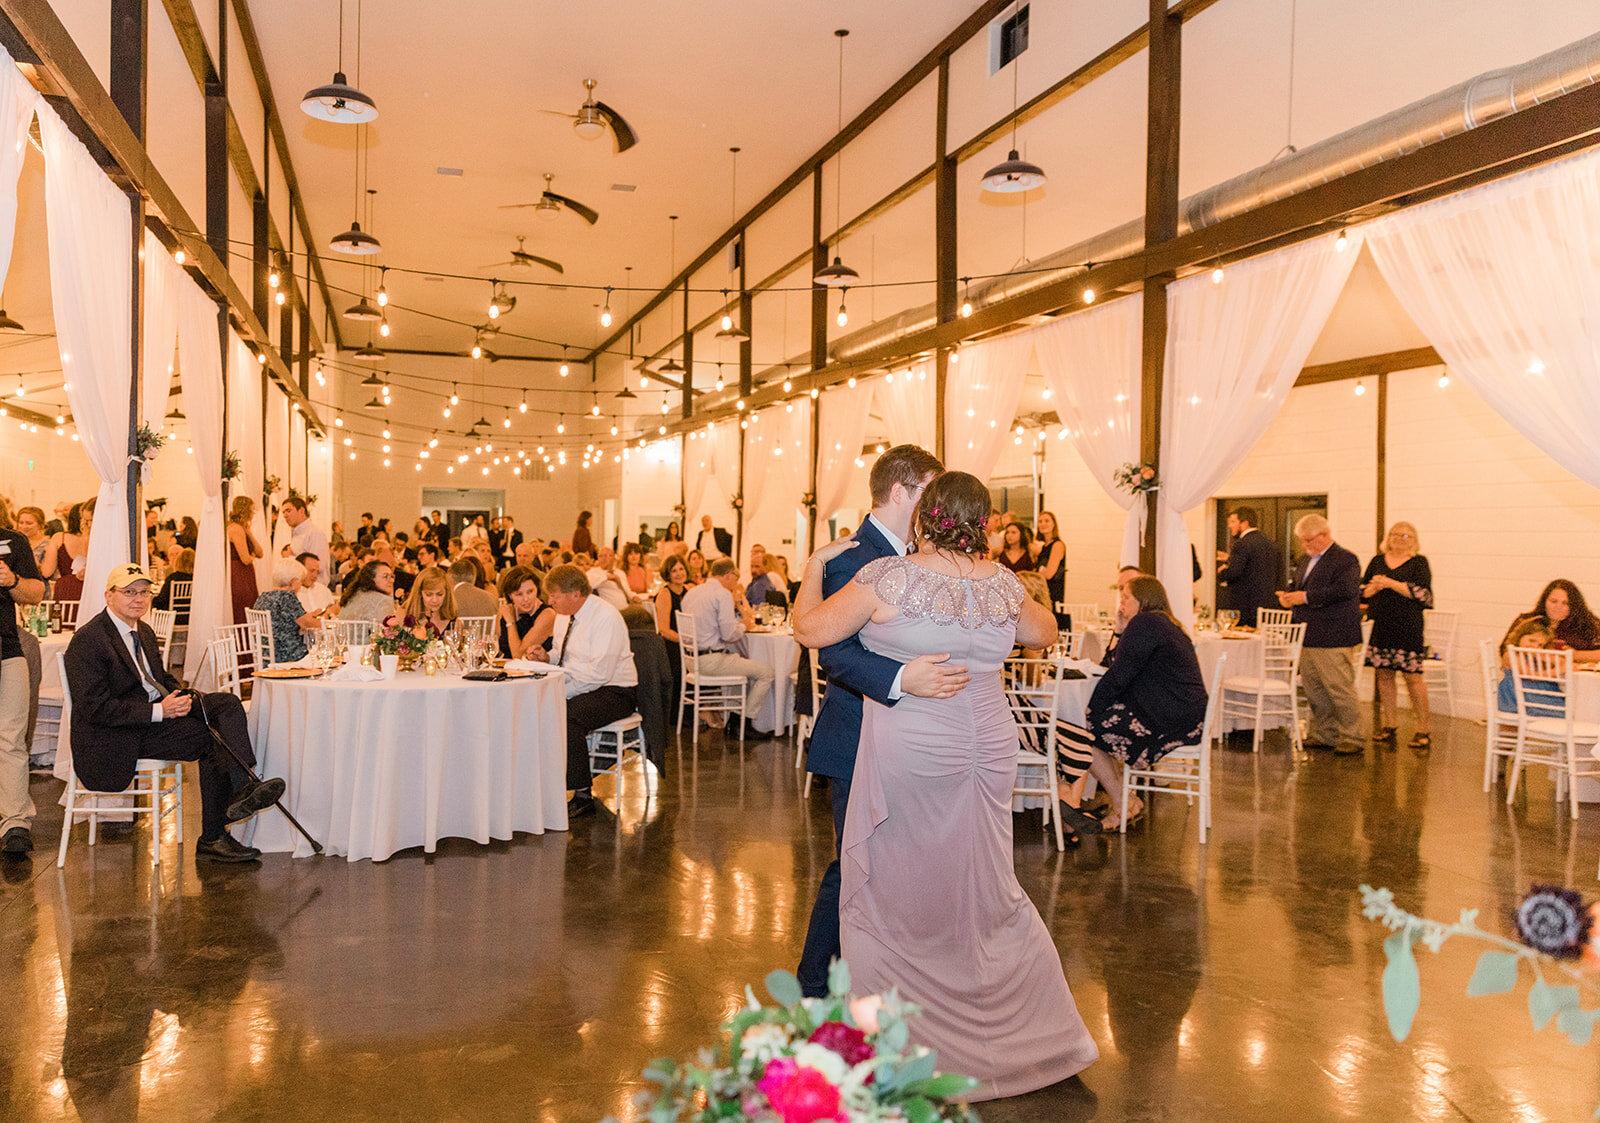 Tulsa Oklahoma Wedding Venues 91.jpg